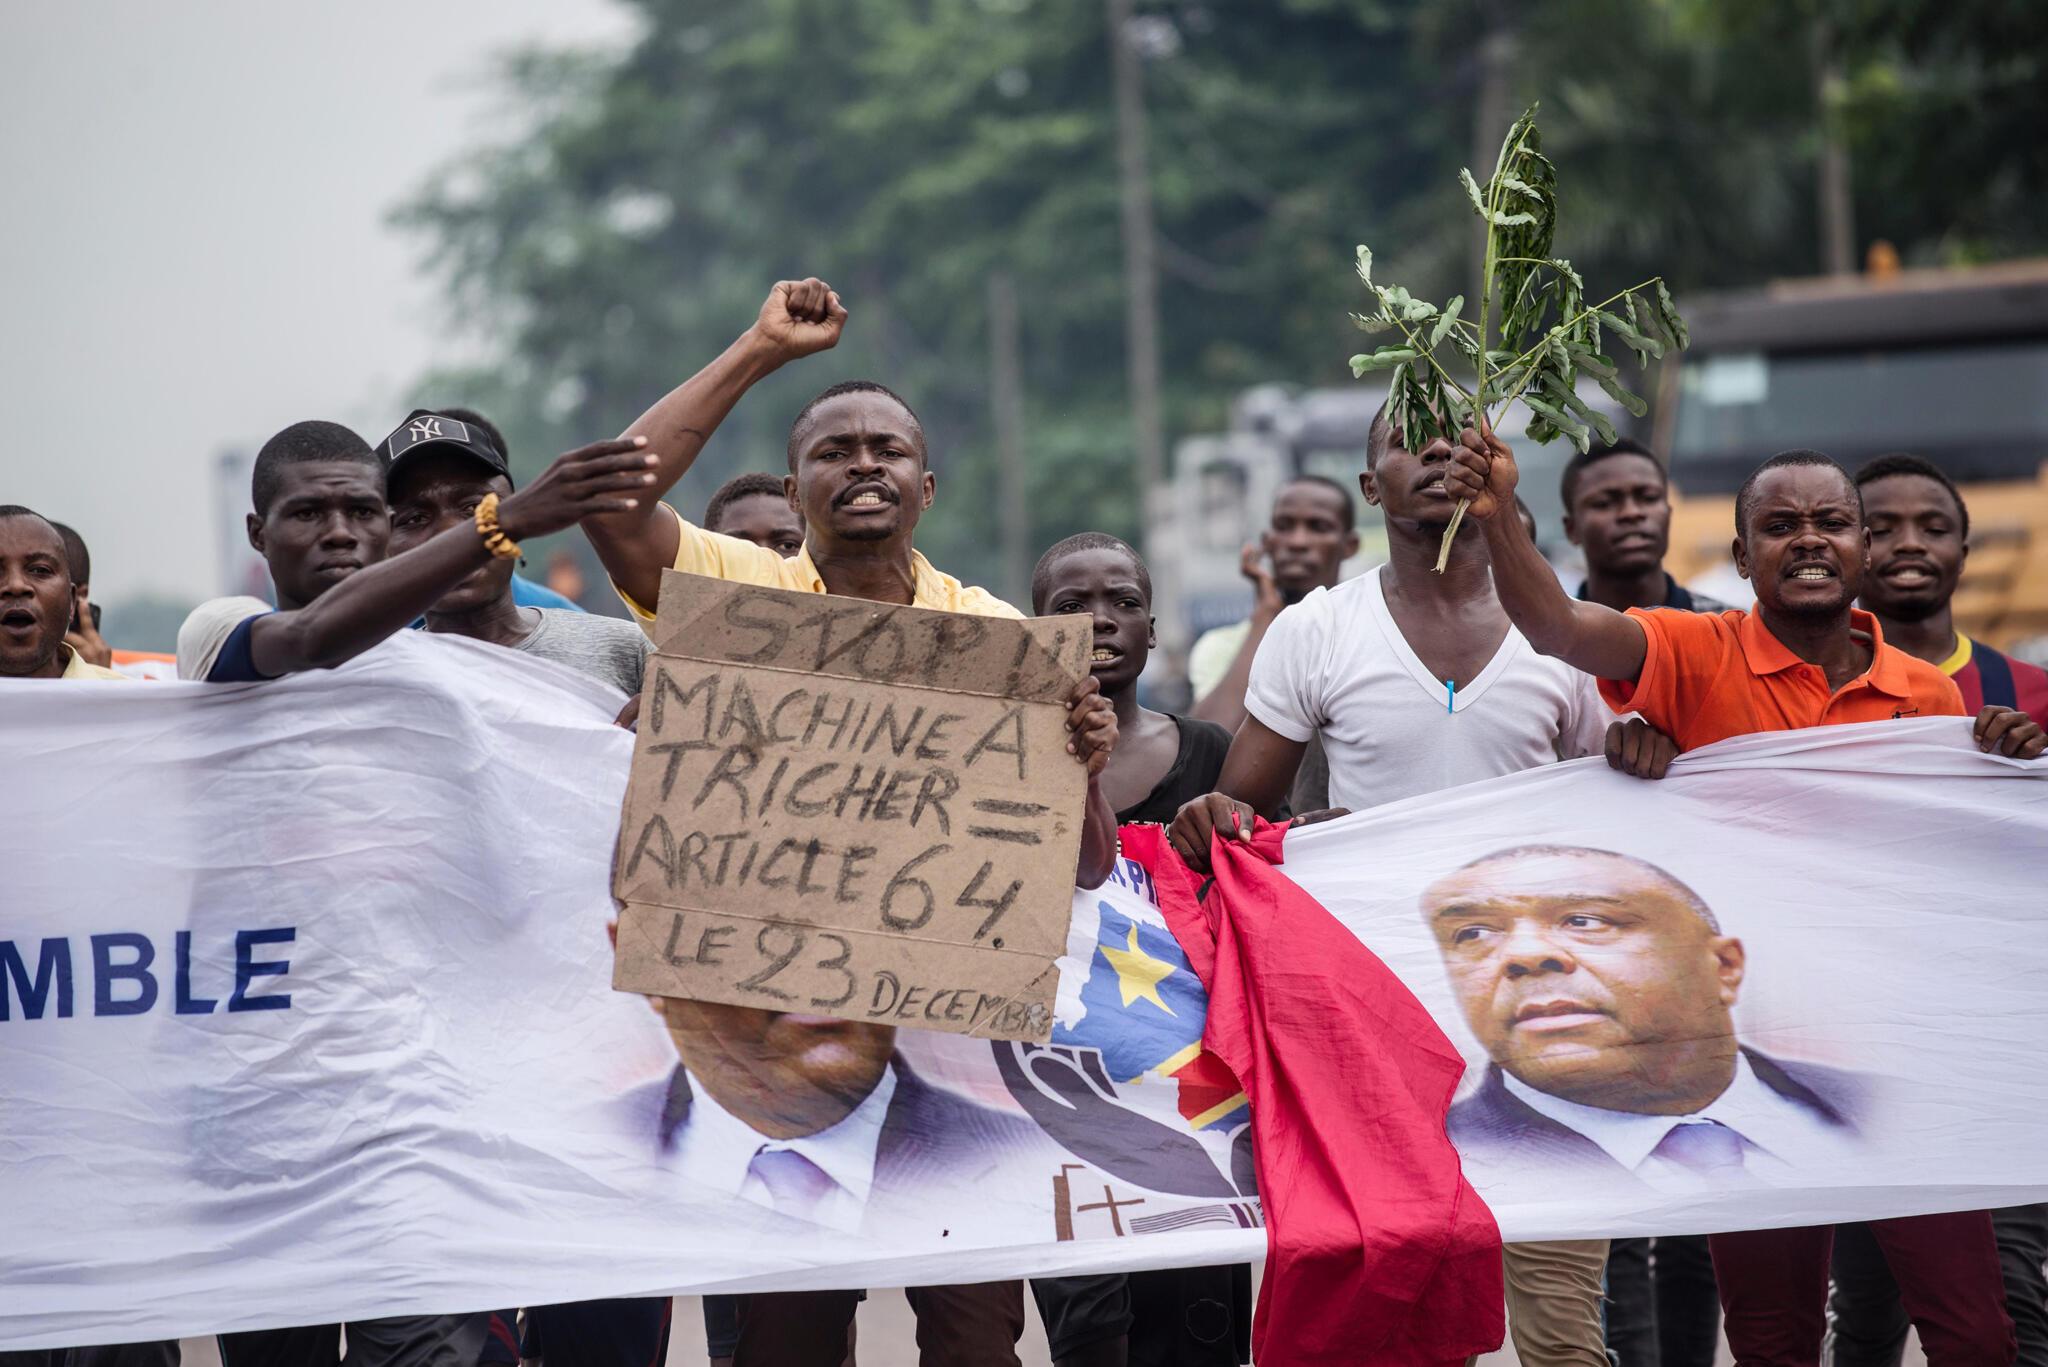 Manifestation organisée contre le processus électoral prévu pour les prochaines élections en décembre prochain en RDC, le 26 octobre 2018 à Kinshasa.